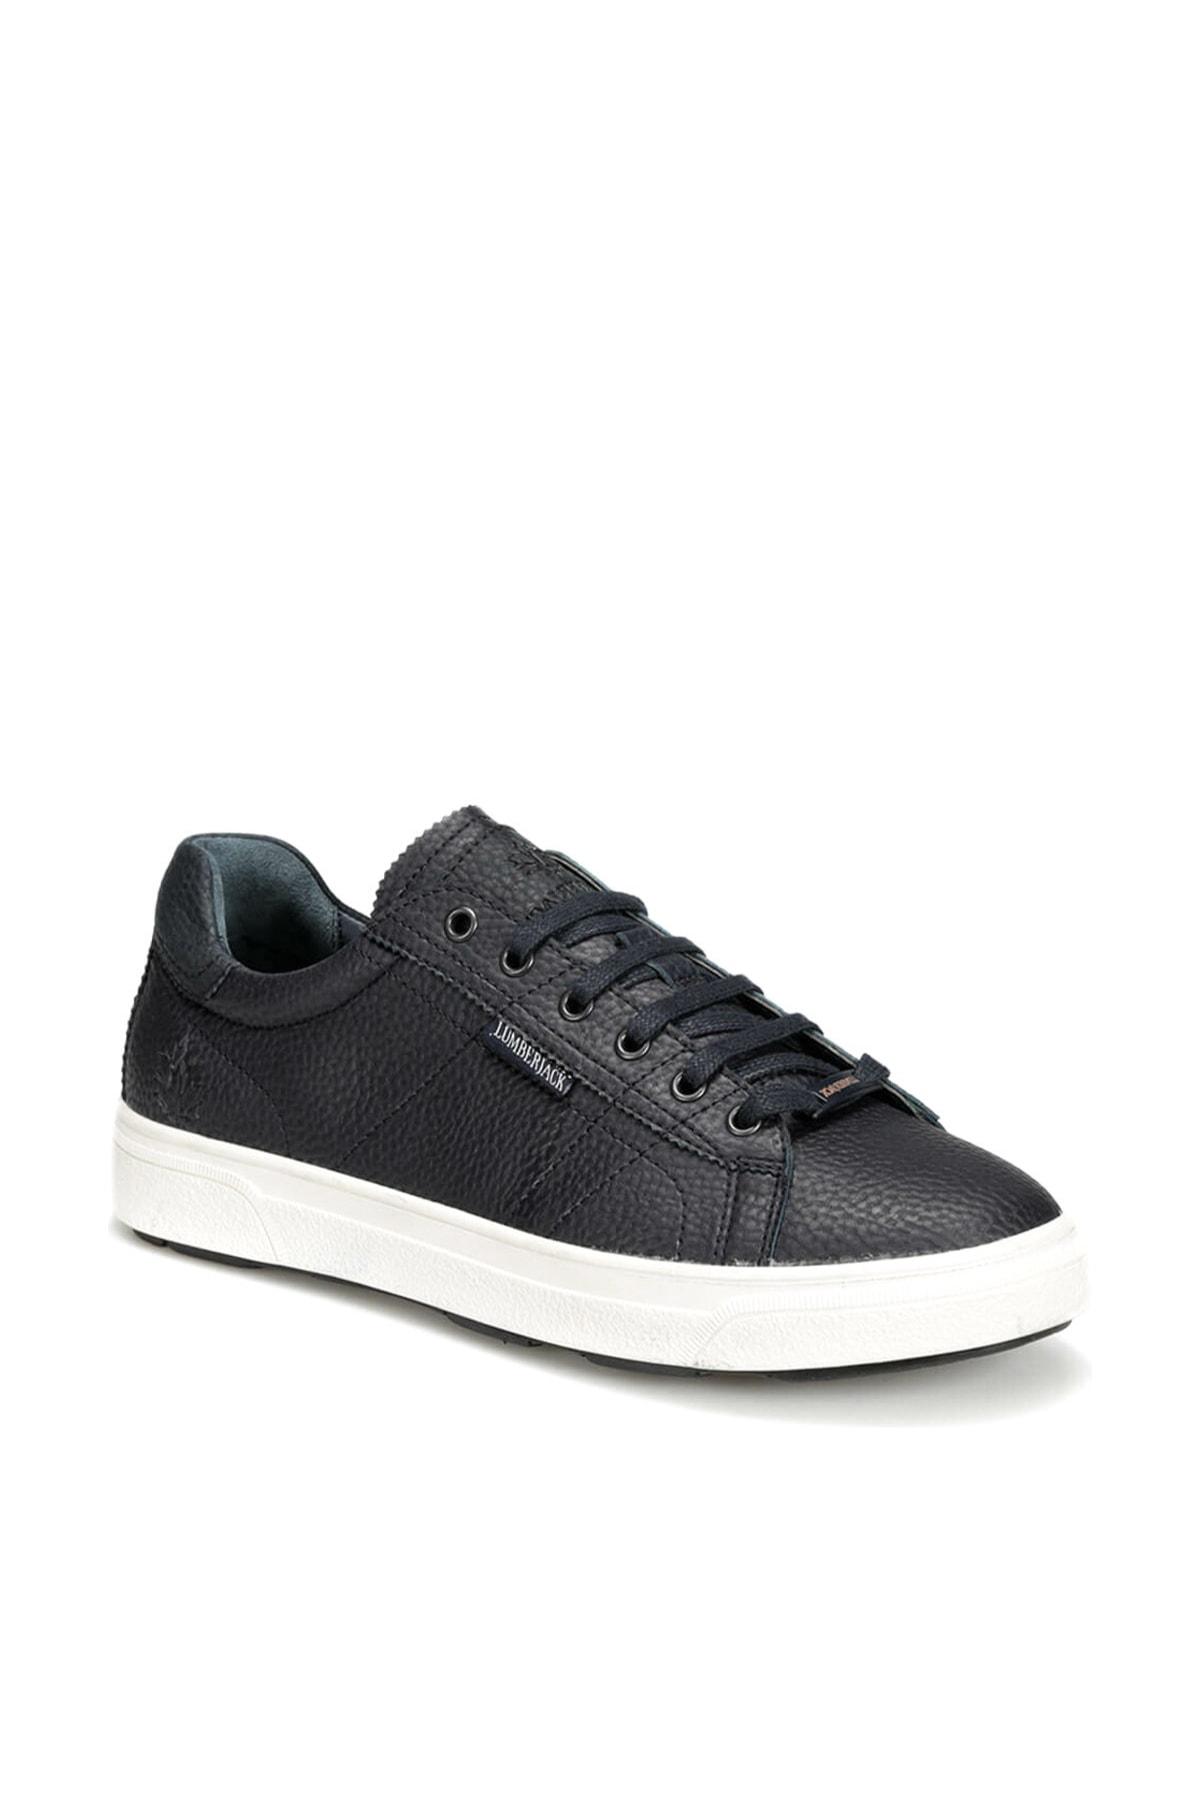 lumberjack BUSIA 9PR Lacivert Erkek Kalın Taban Sneaker Spor Ayakkabı 100416625 1